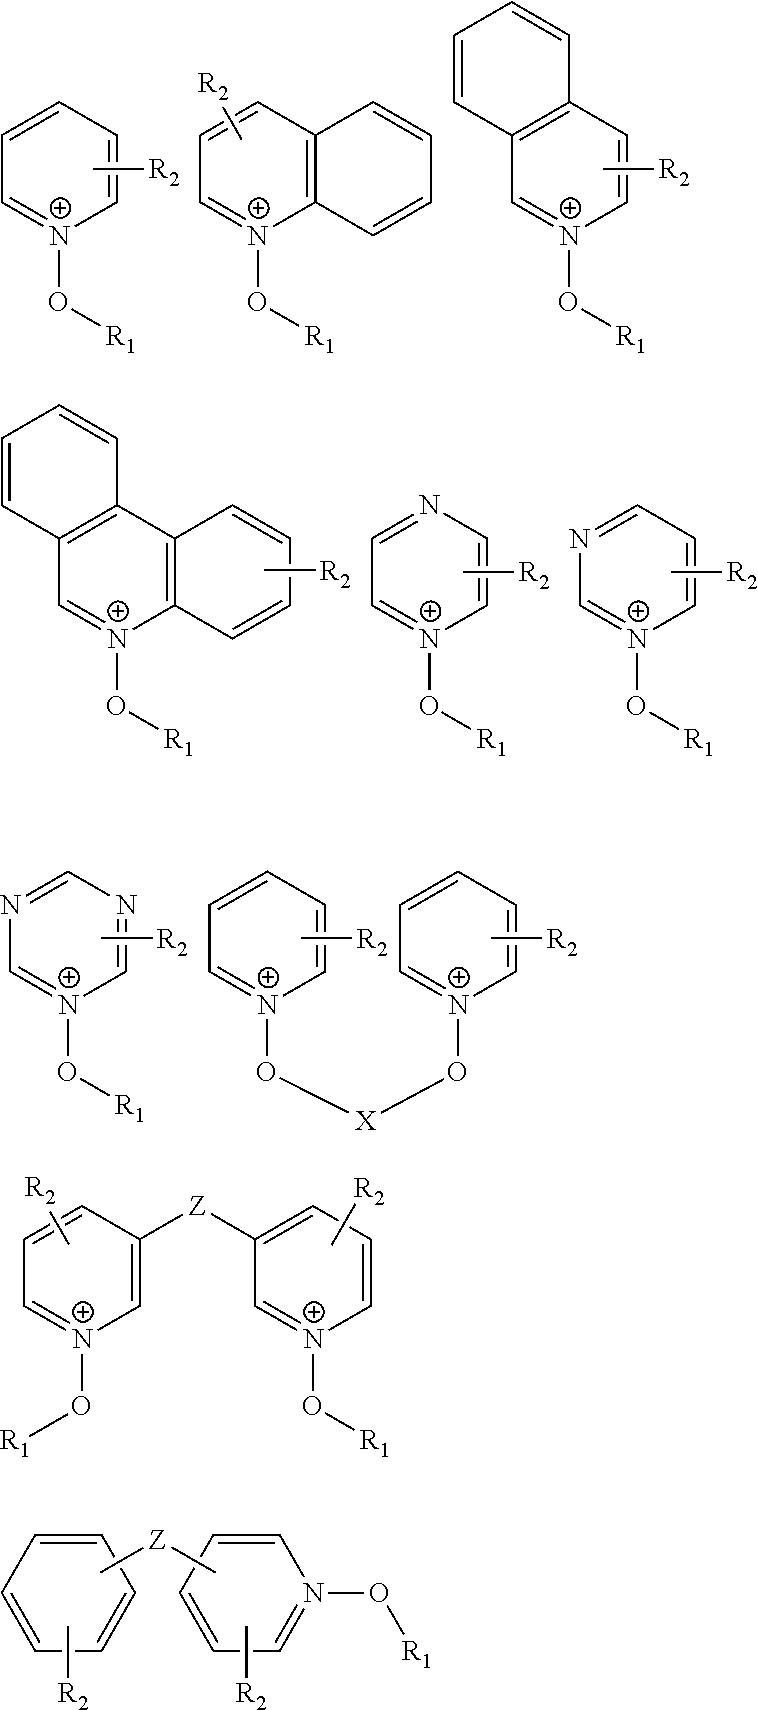 Figure US20150126637A1-20150507-C00028